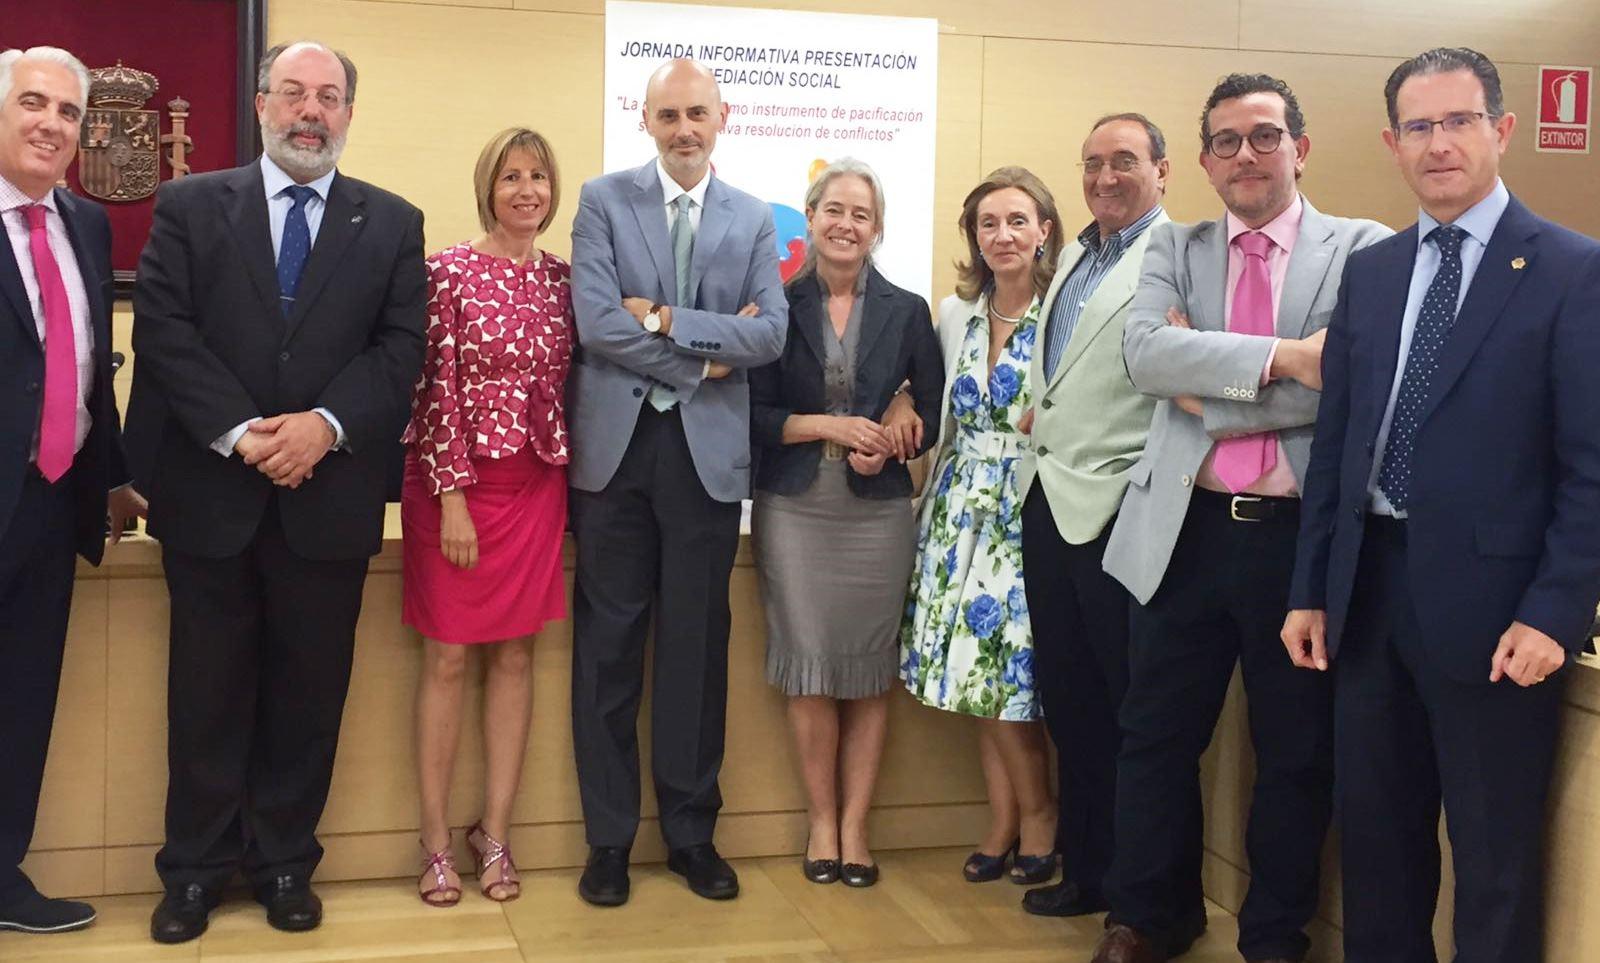 Ponentes de la Jornada de Mediacion Social en Burgos